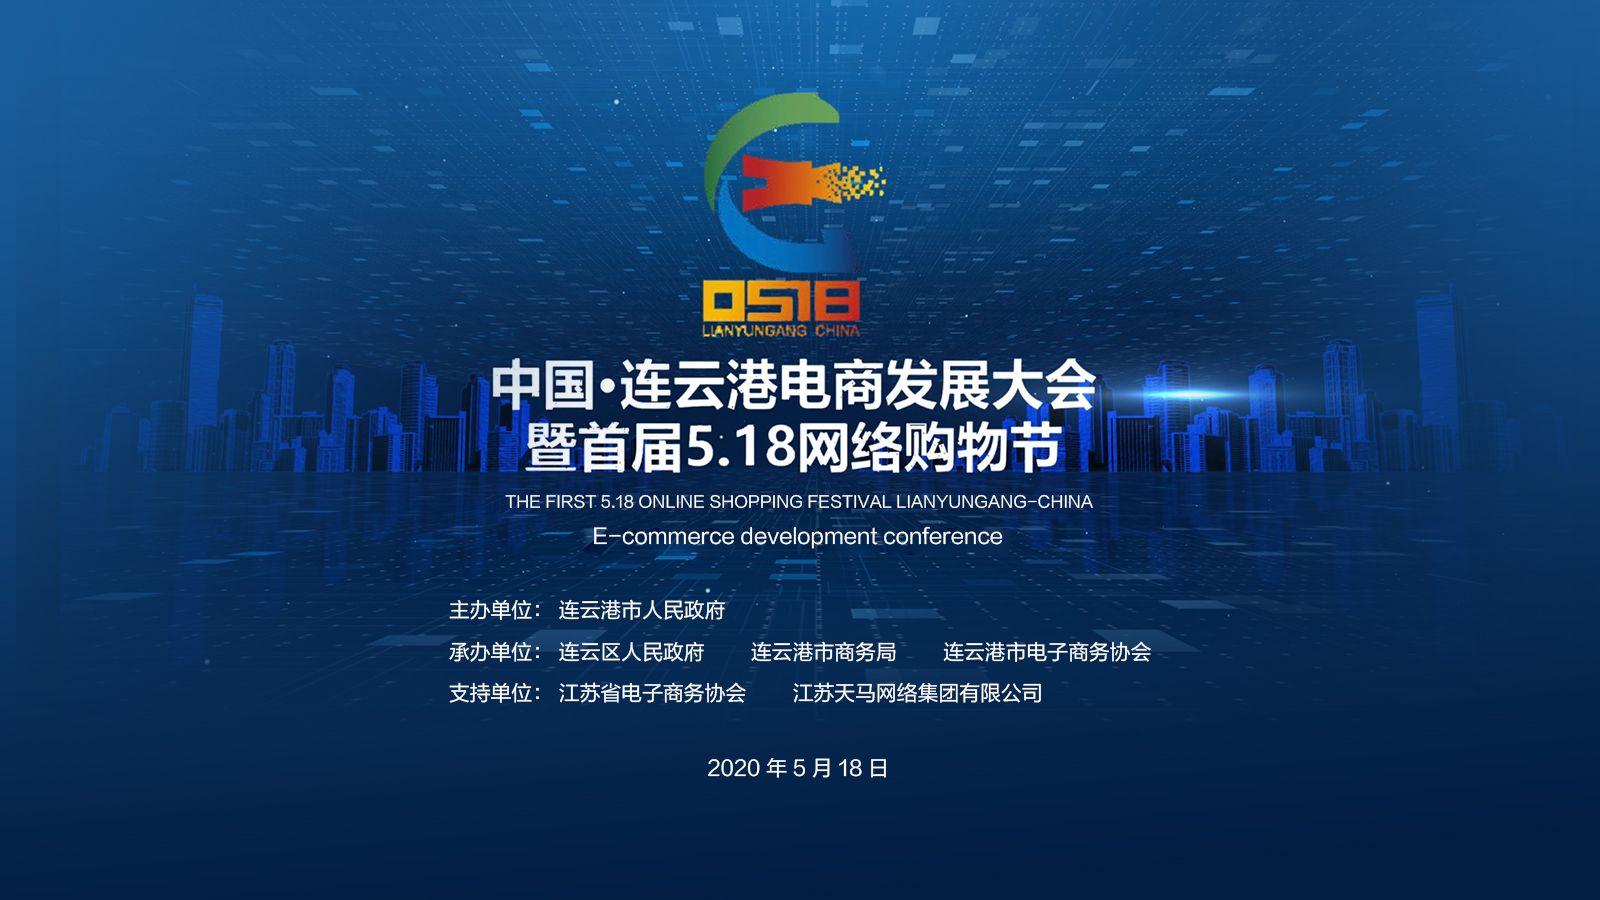 中国•连云港首届5.18网络购物节暨电商发展大会